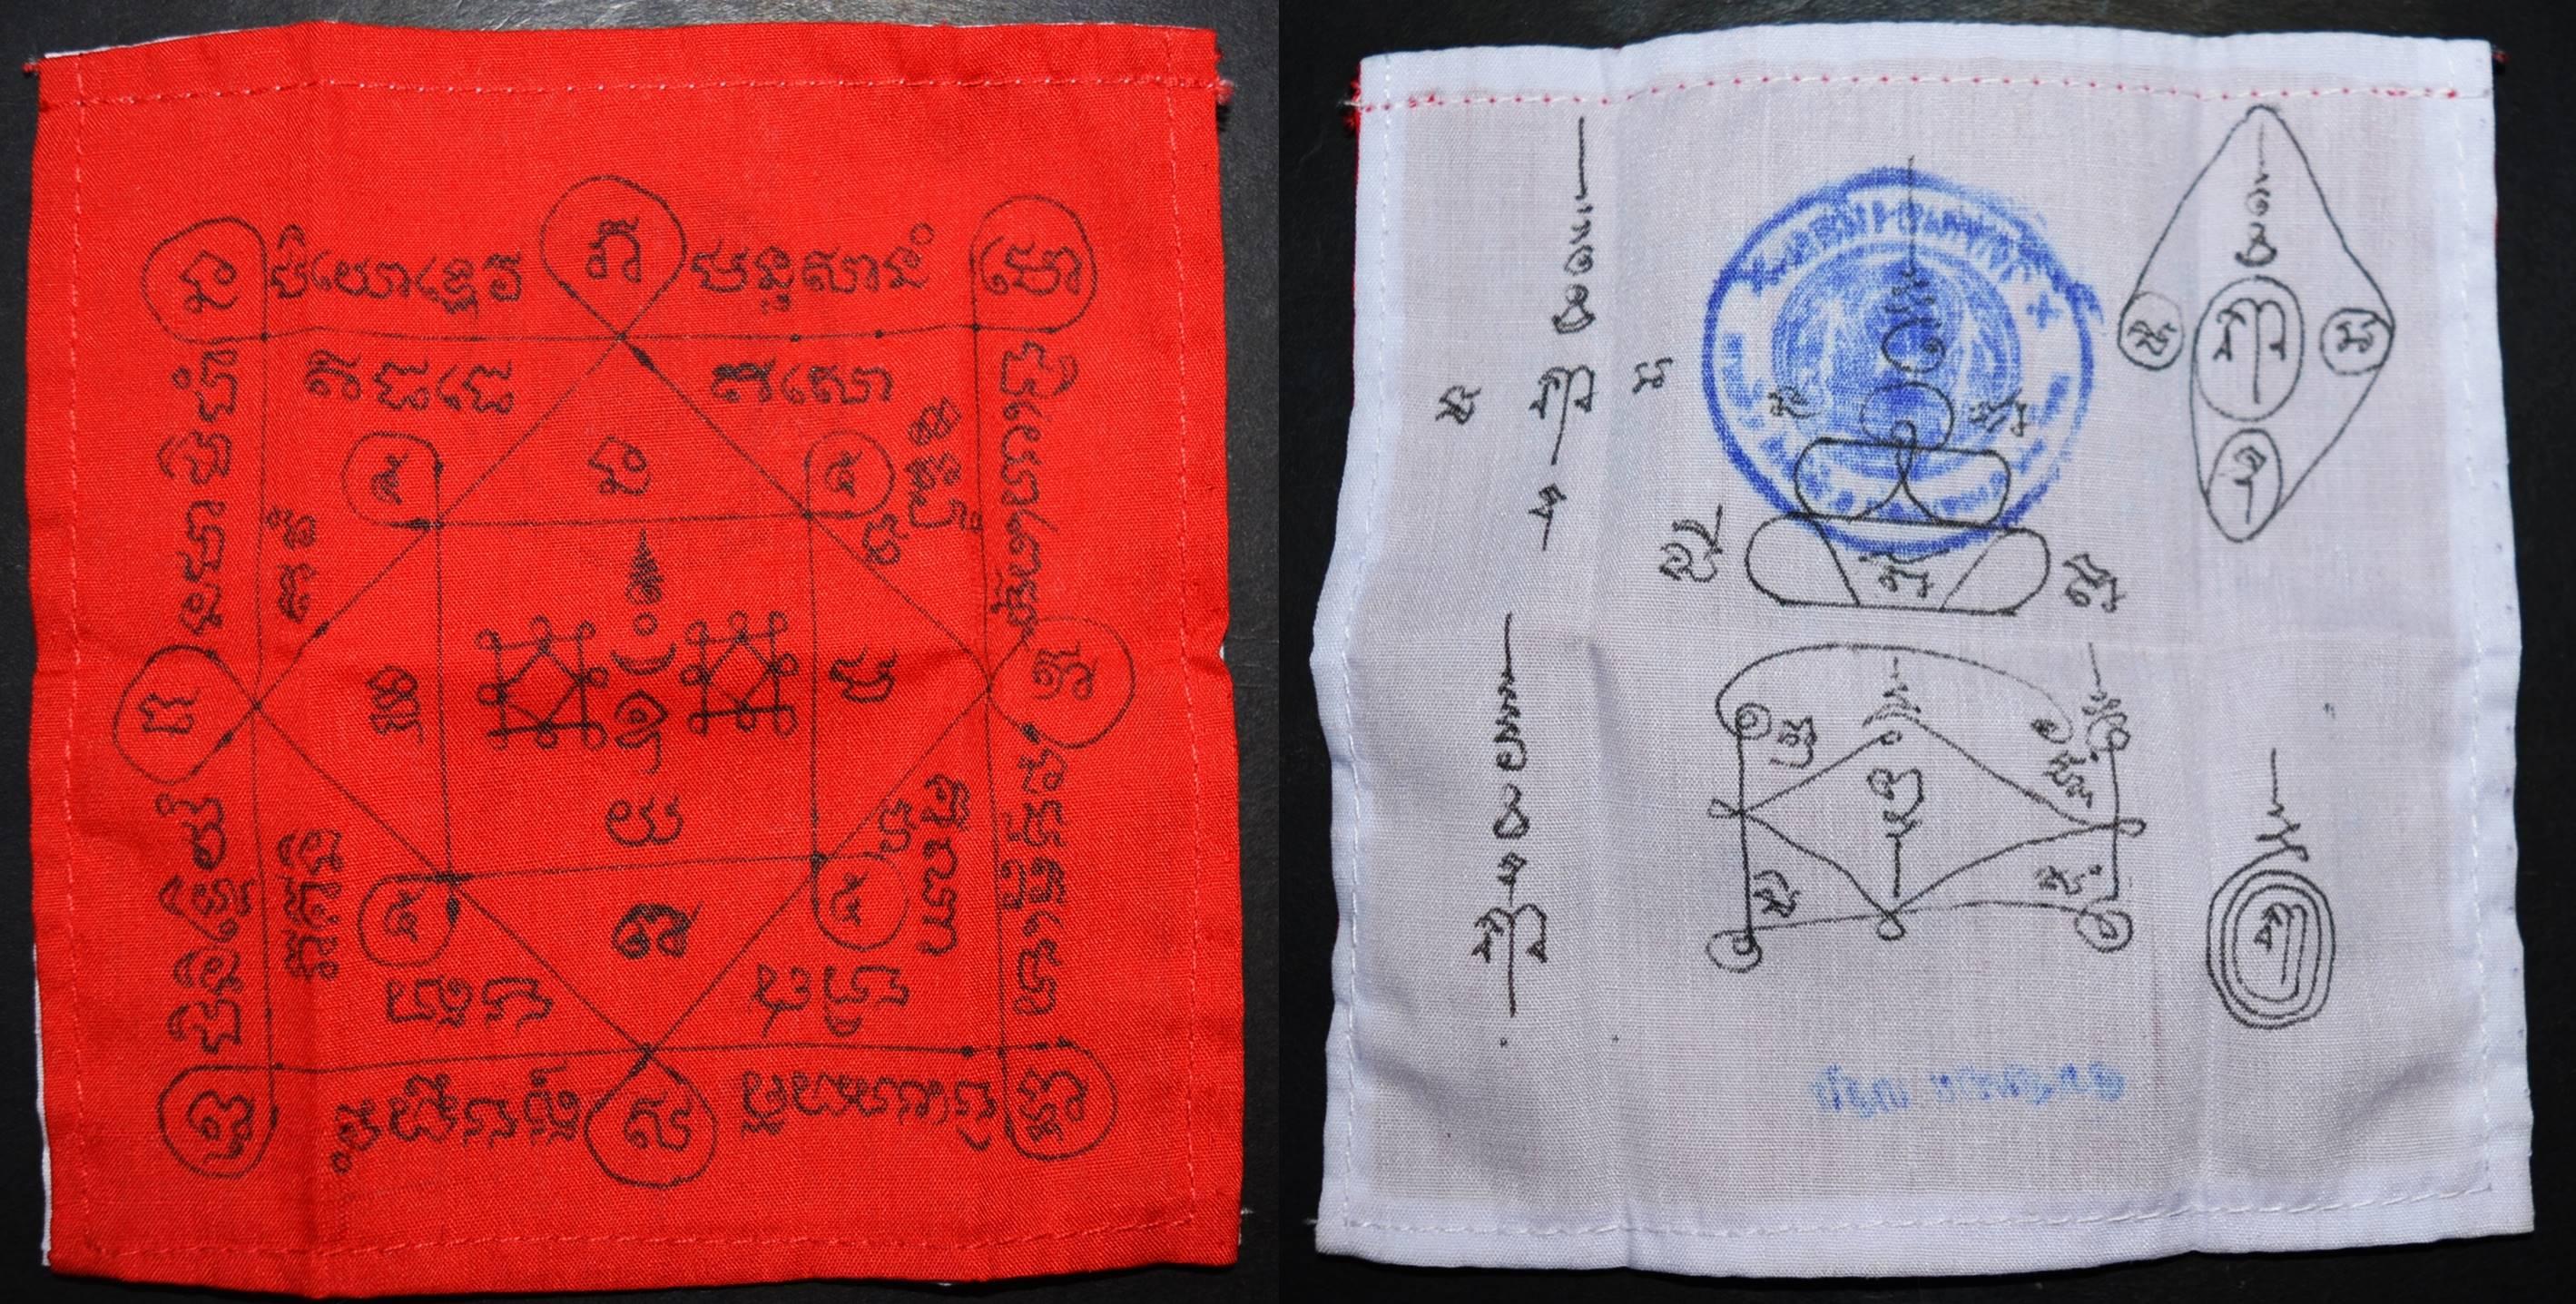 ผ้าเช้ดหน้า หลวงพ่อสมชาย วัดหนองน้อย 2563 ขนาด 13*13 ซม